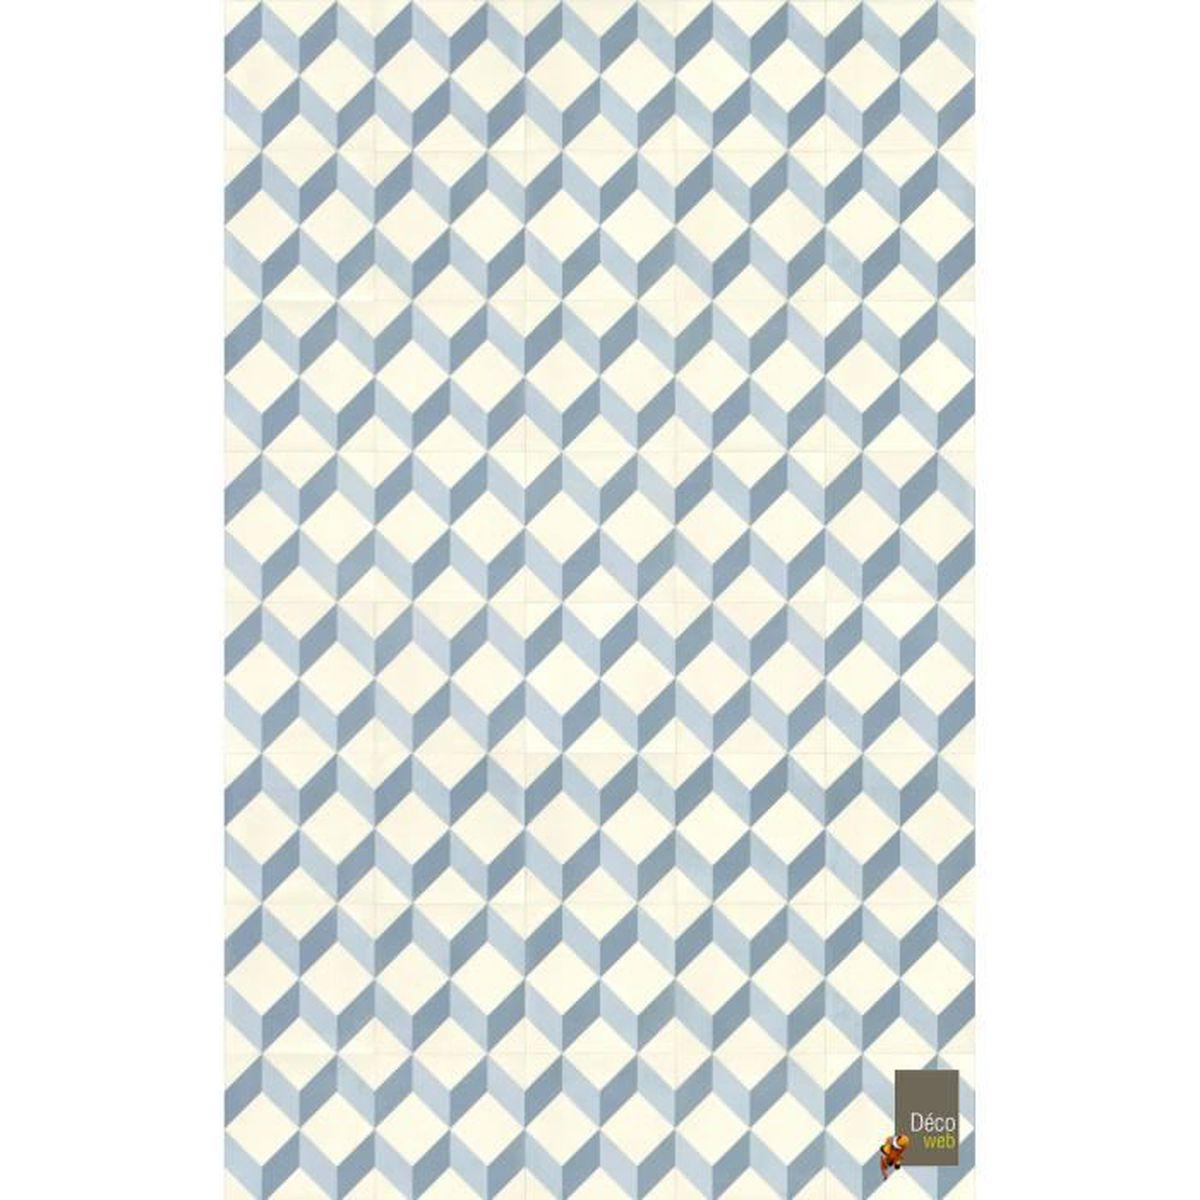 Tapis Imitation Carreaux De Ciment Vinyle tapis vinyle 100 x 200 cm - carreaux de ciment cube 3d bleu